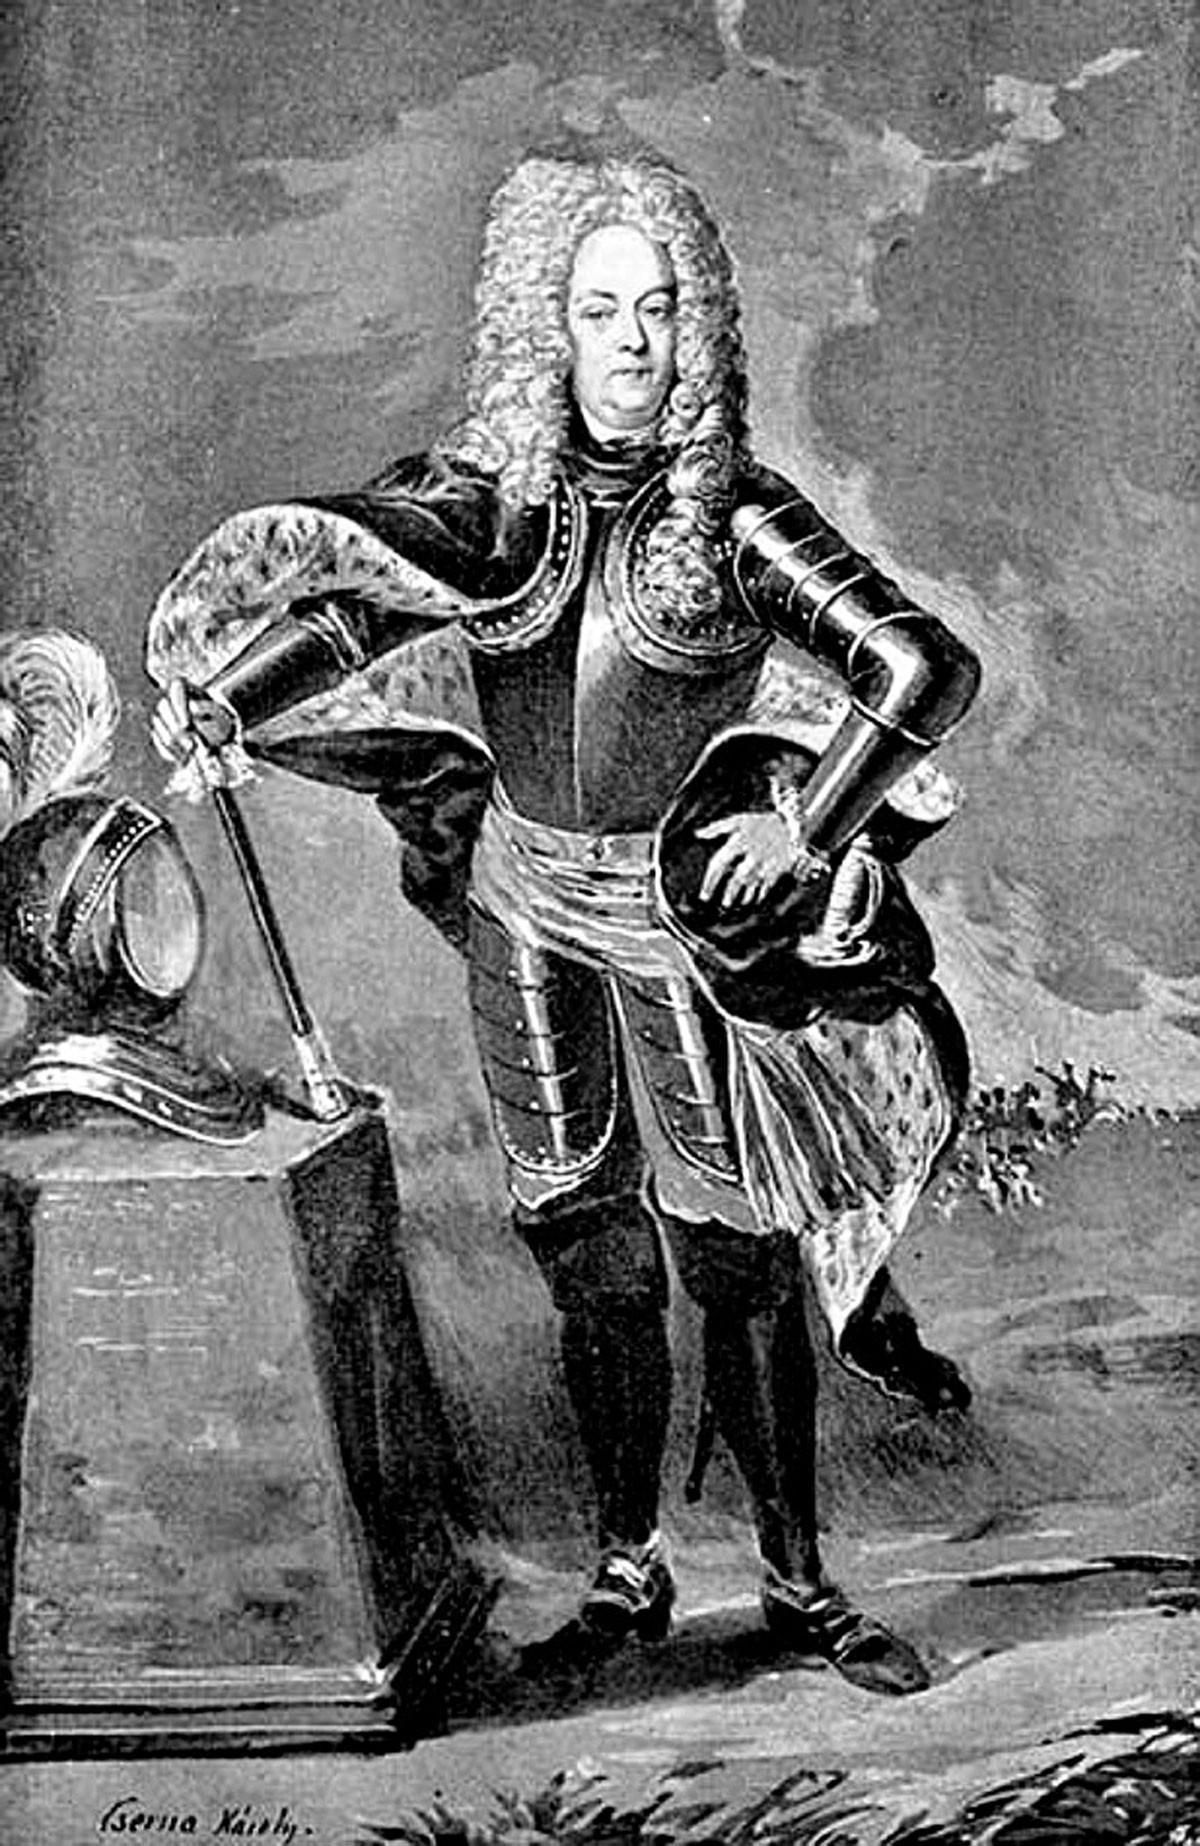 Gróf Pálffy János (1664–1751), a magyarországi császári erők főparancsnoka, aki a kompromisszumot szorgalmazta a rendiség és a felvilágosult abszolutizmus között